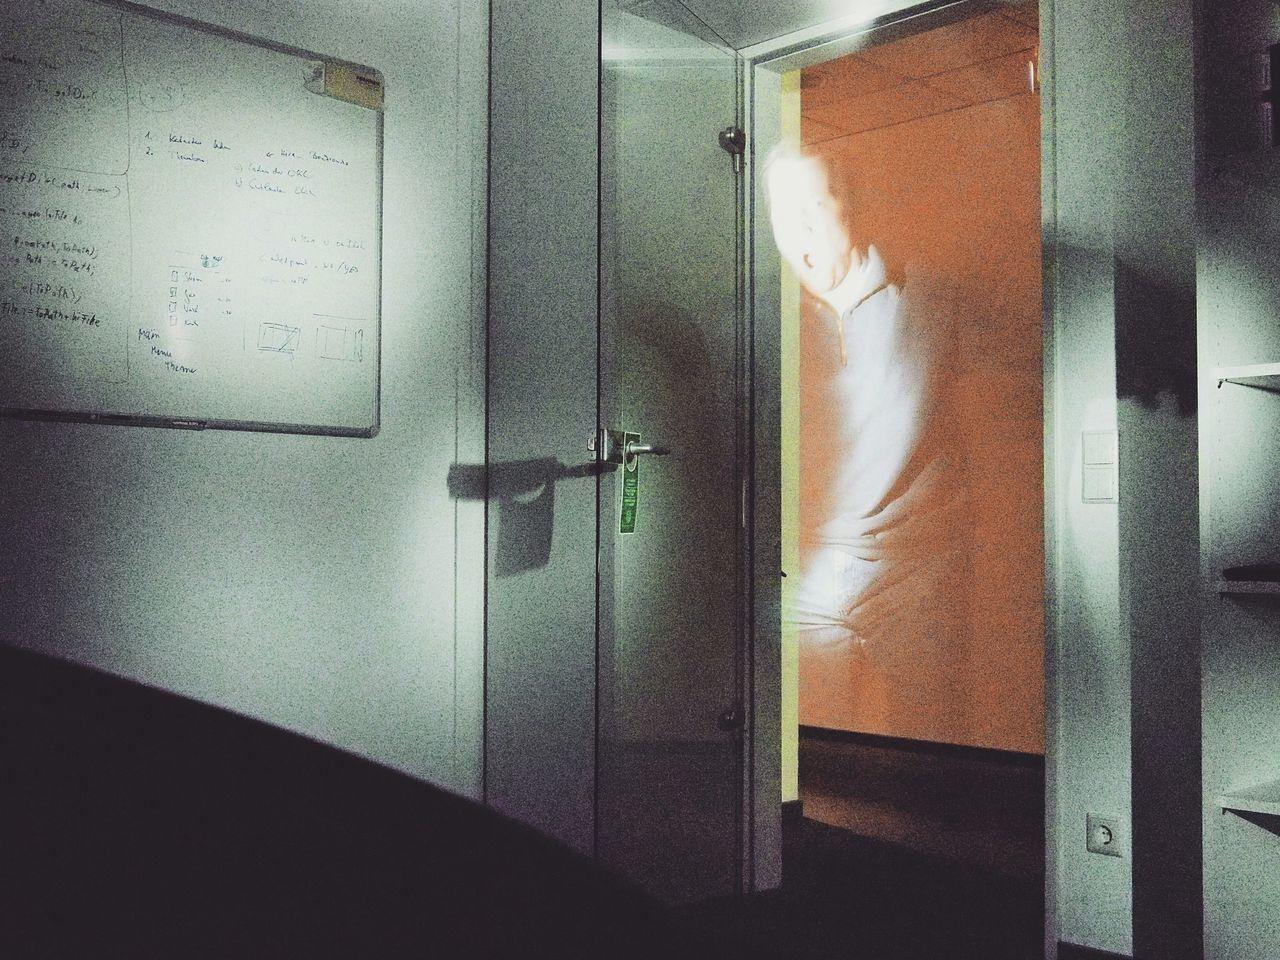 door, indoors, no people, doorway, day, close-up